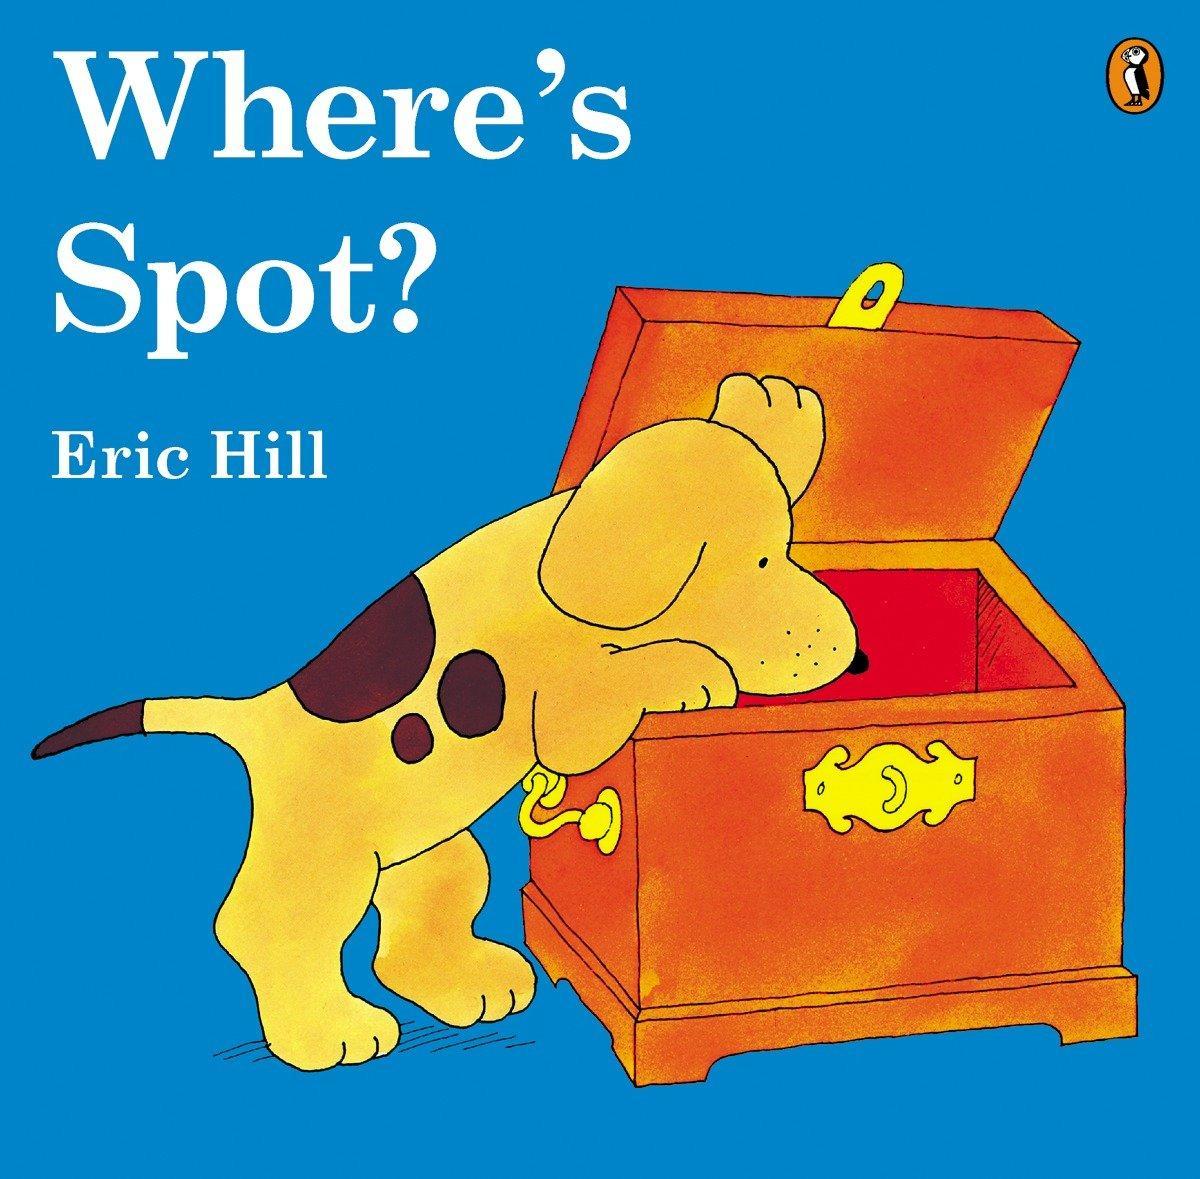 Where_s Spot_